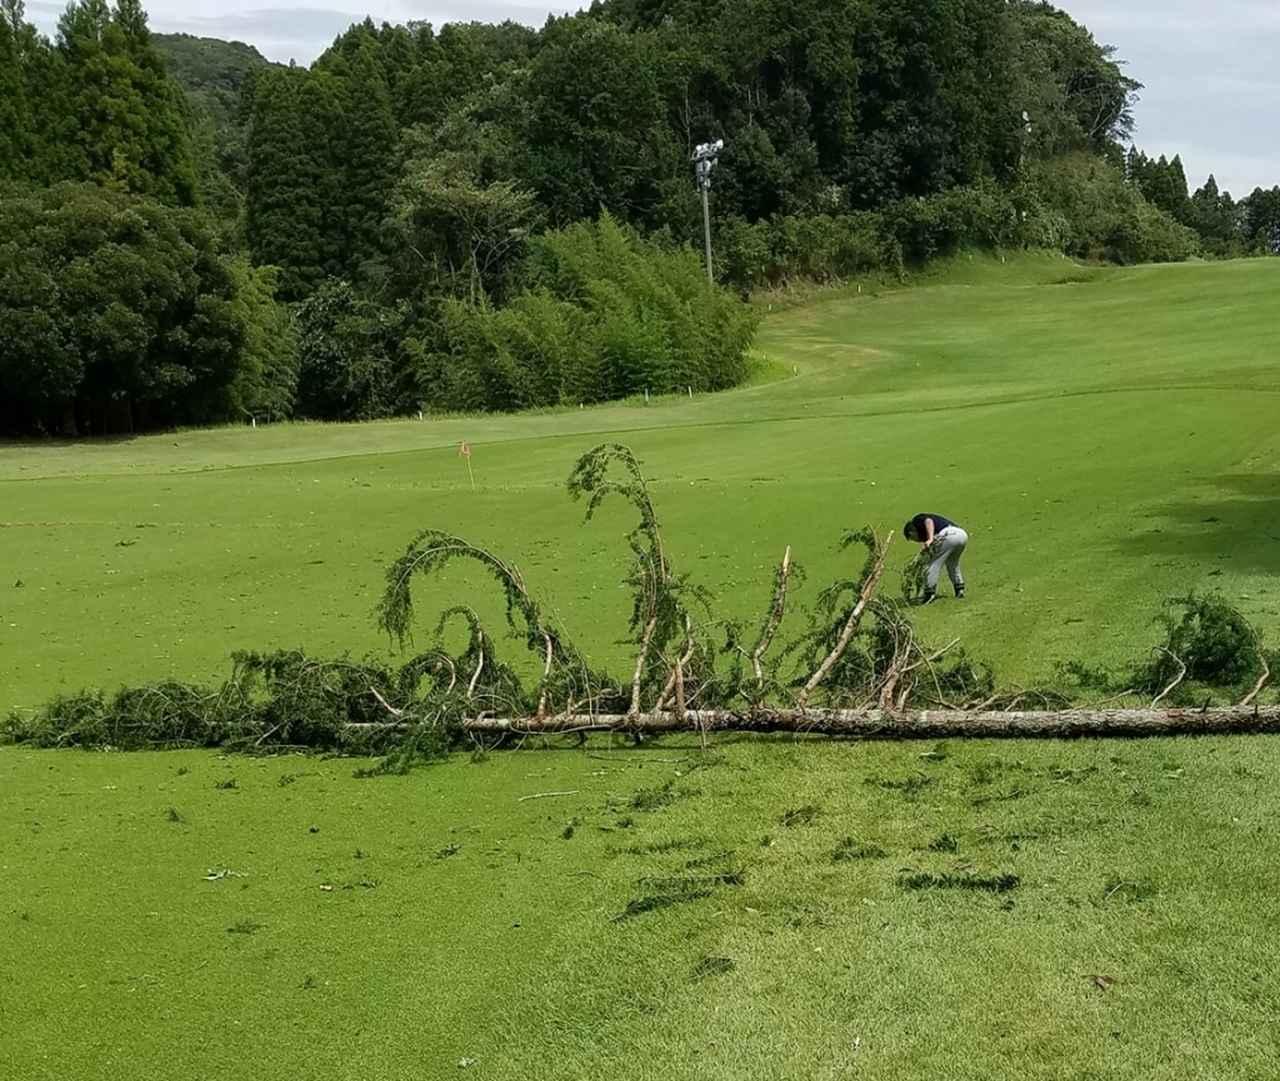 画像: 9日未明の台風15号による豪雨と暴風により、マクレガーCCのコースではフェアウェイを横切るように倒木が